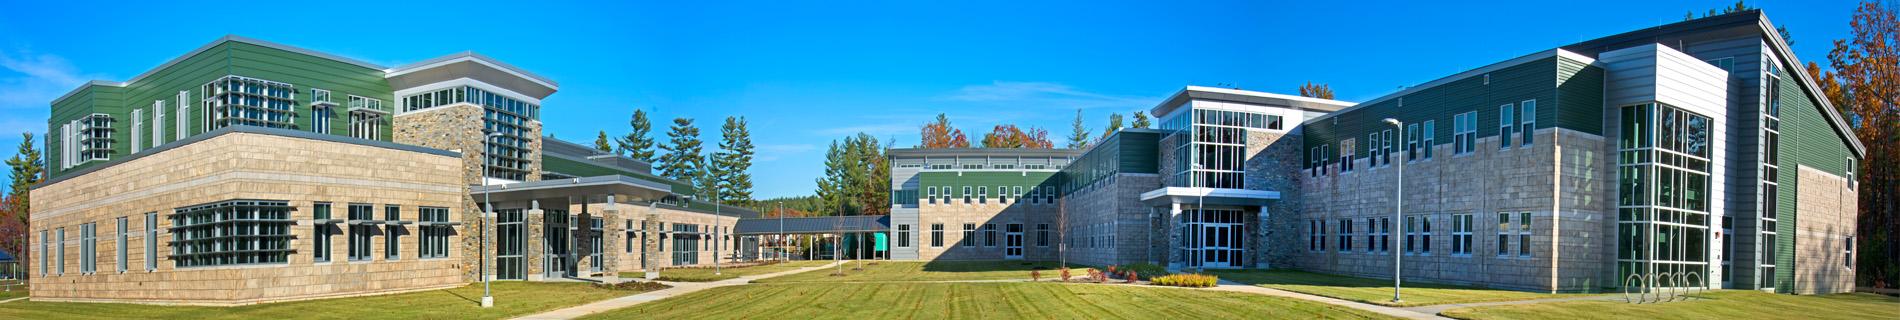 Regional Training Institute